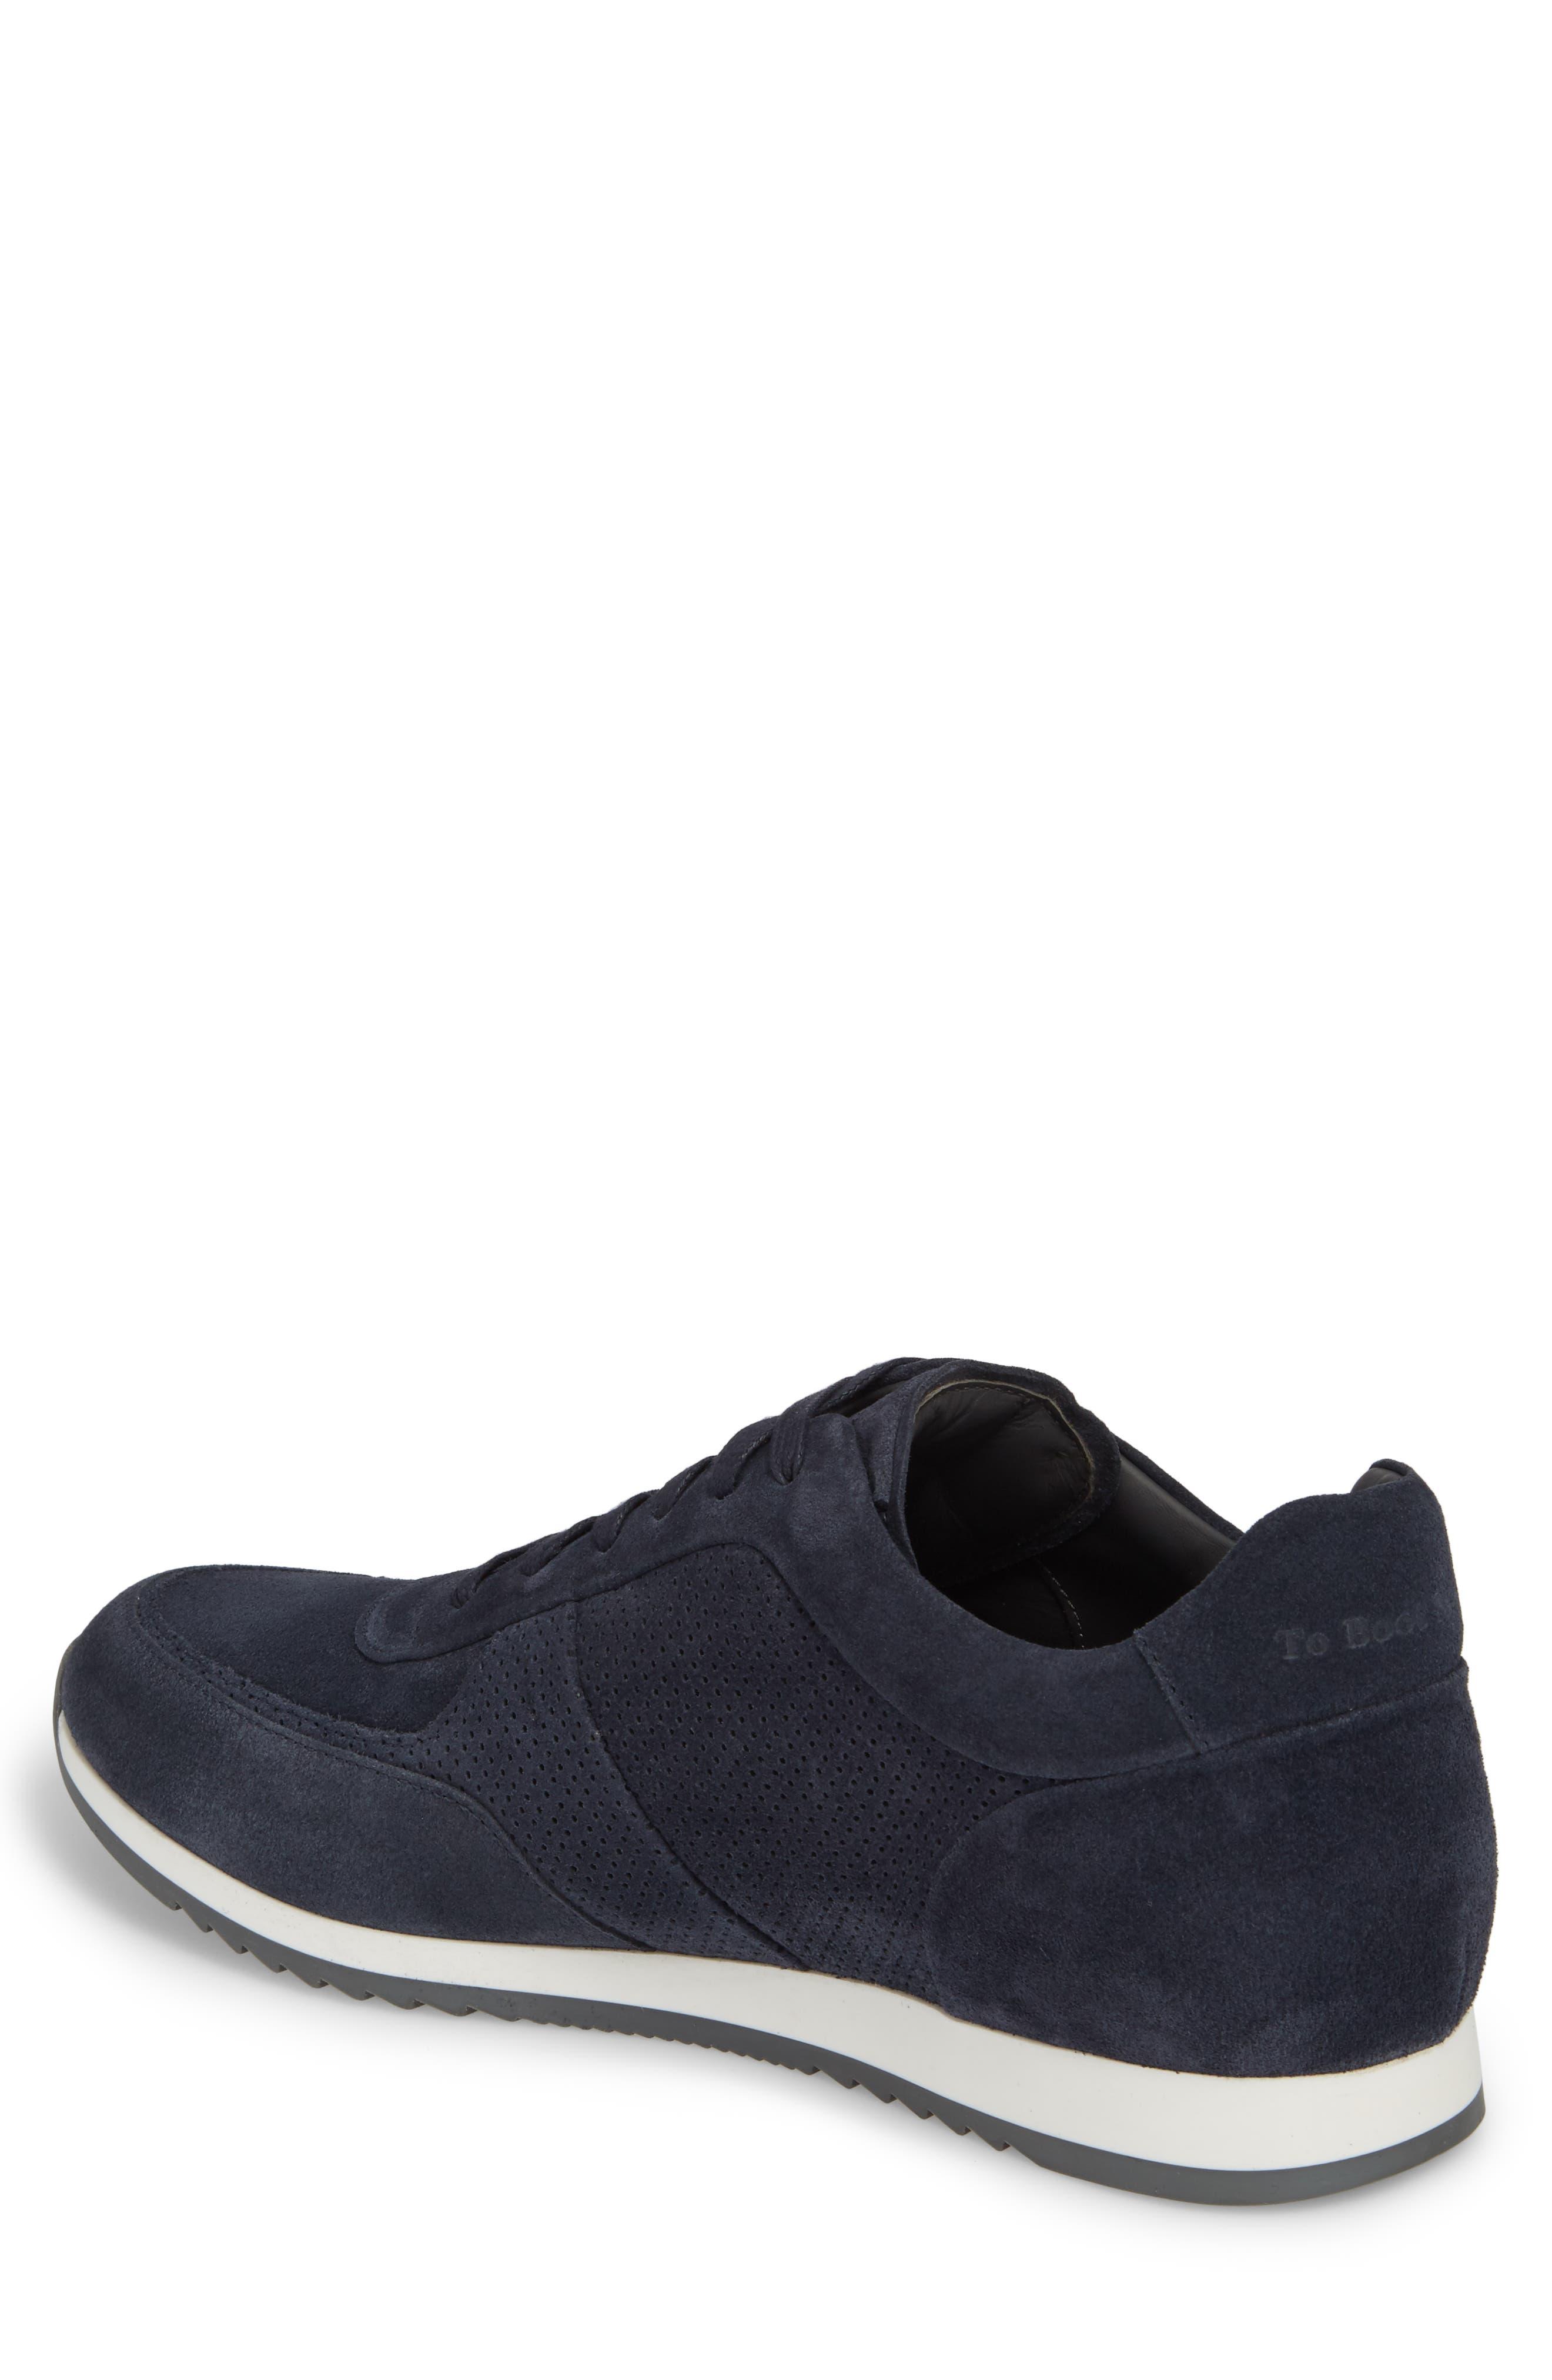 Fordham Low Top Sneaker,                             Alternate thumbnail 2, color,                             402